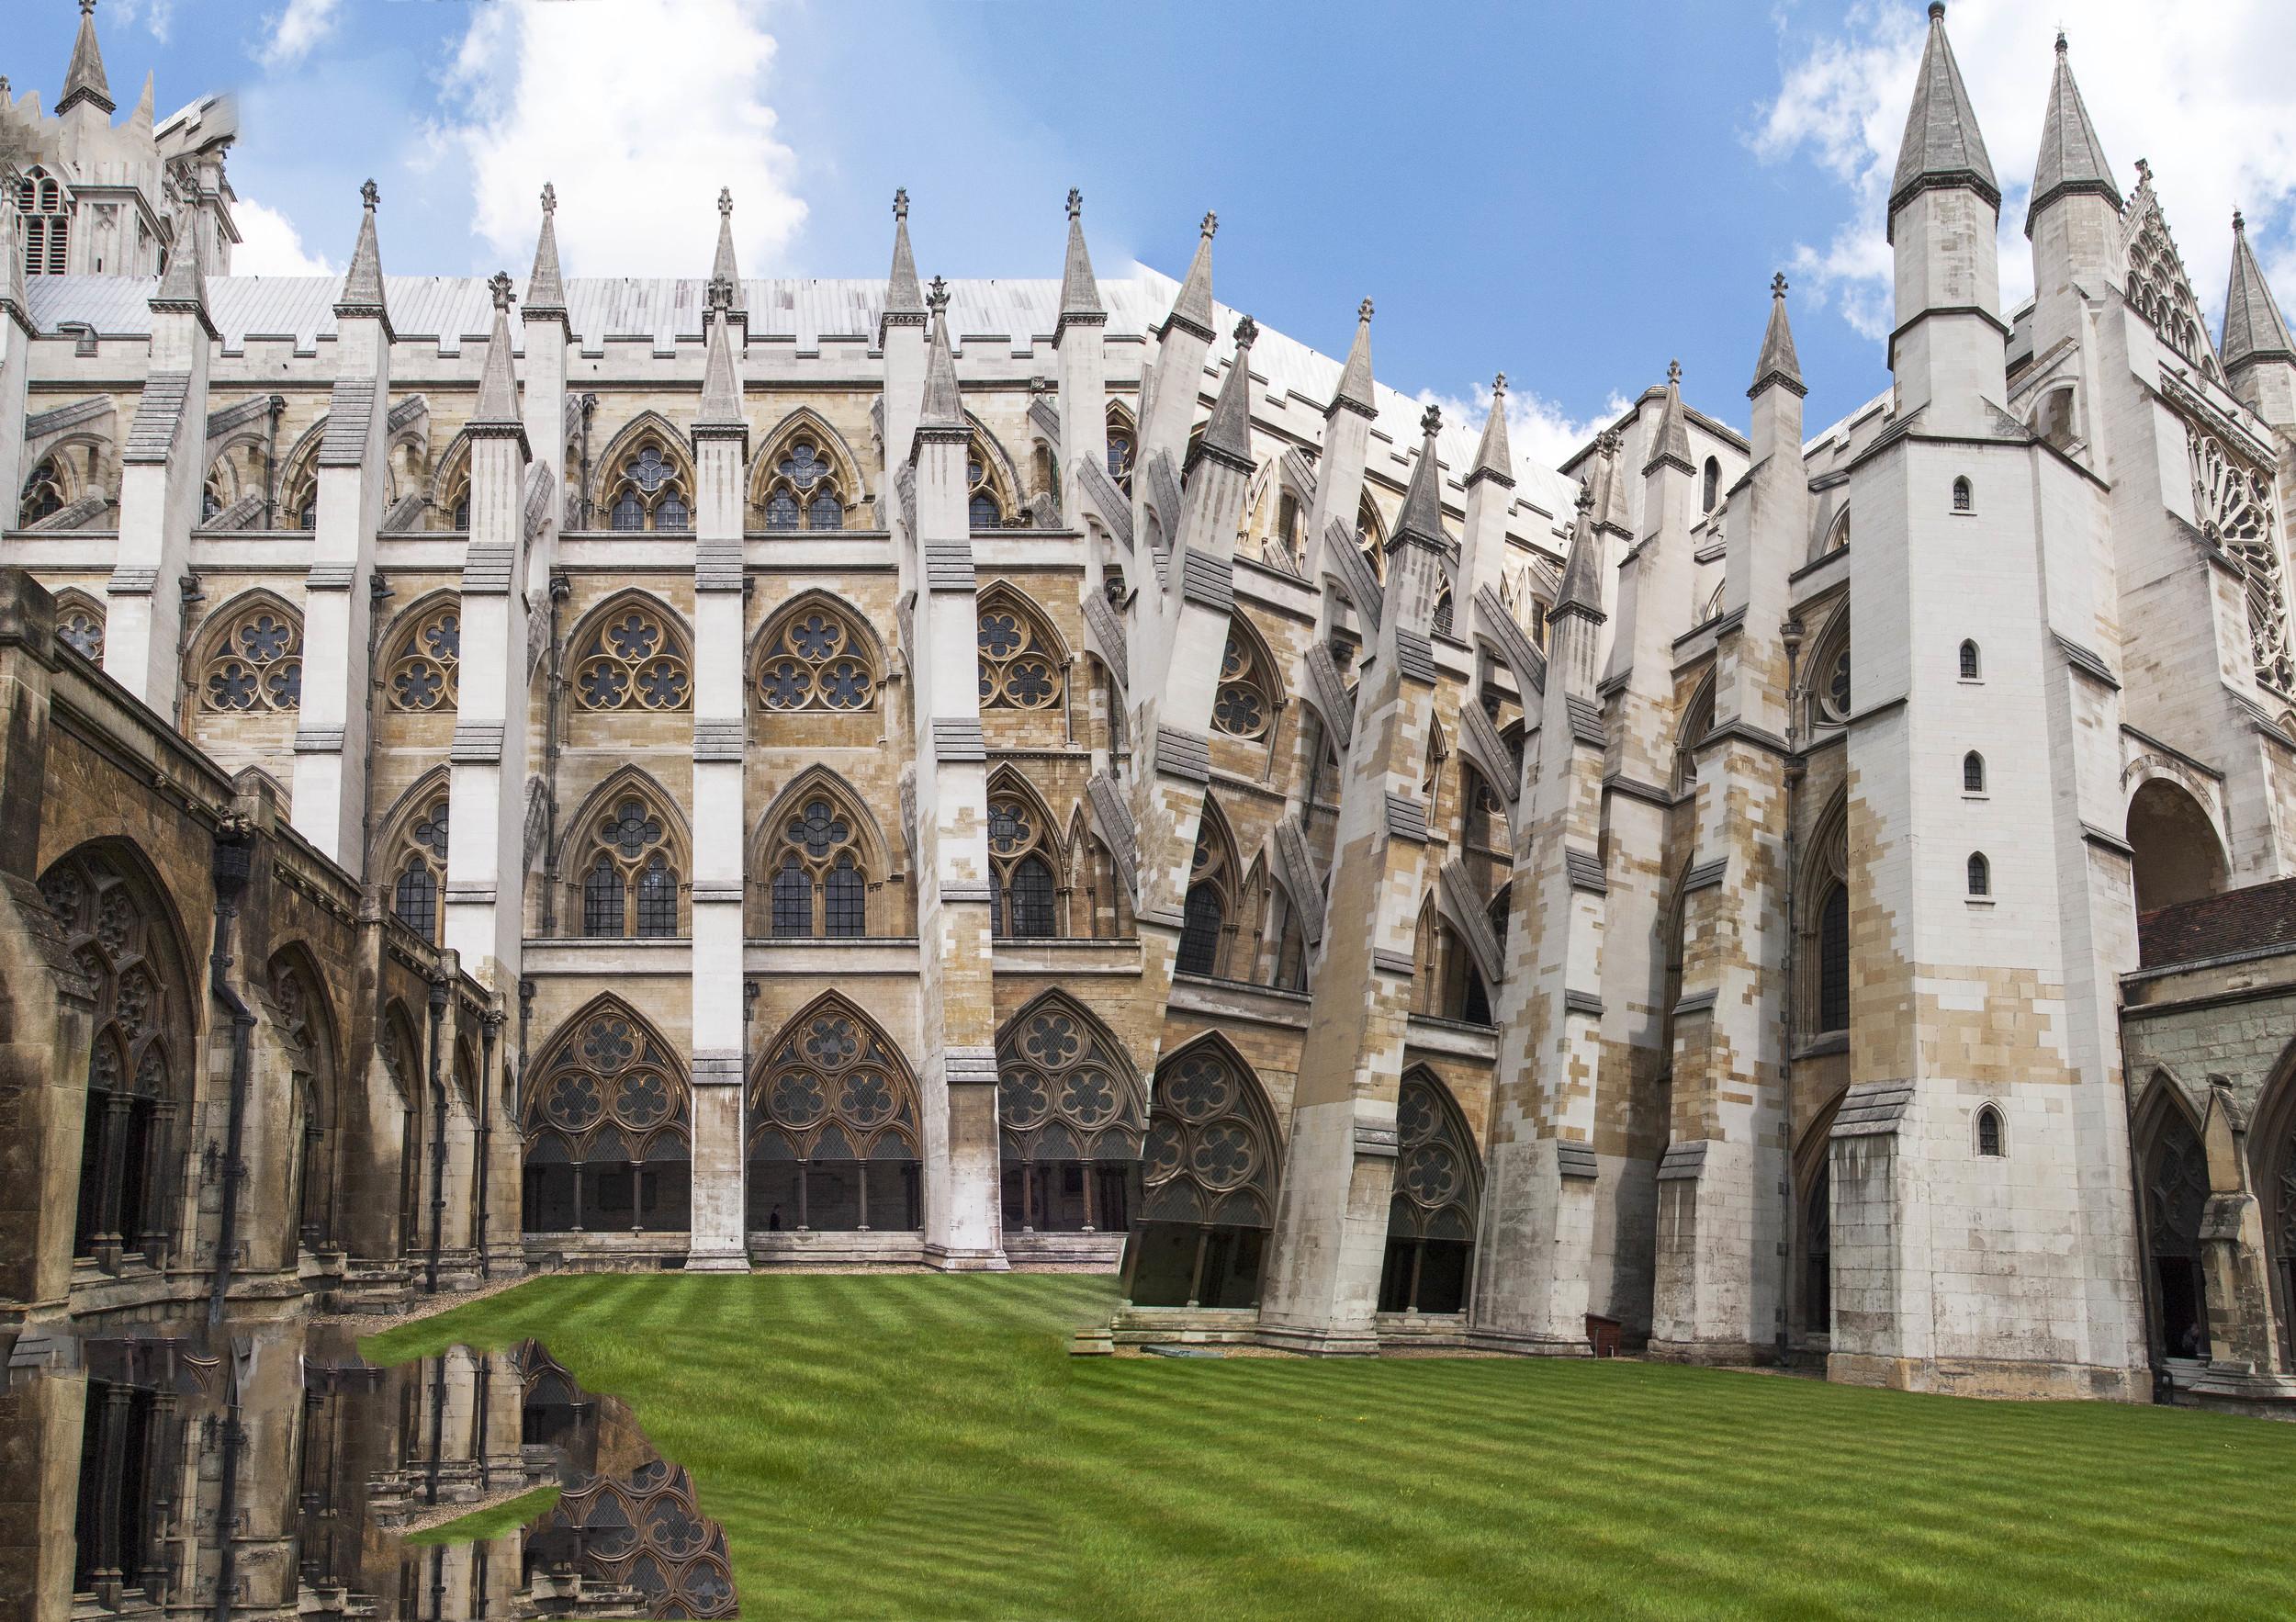 Westminster rebuild 3-big version printed at Jane's.jpg